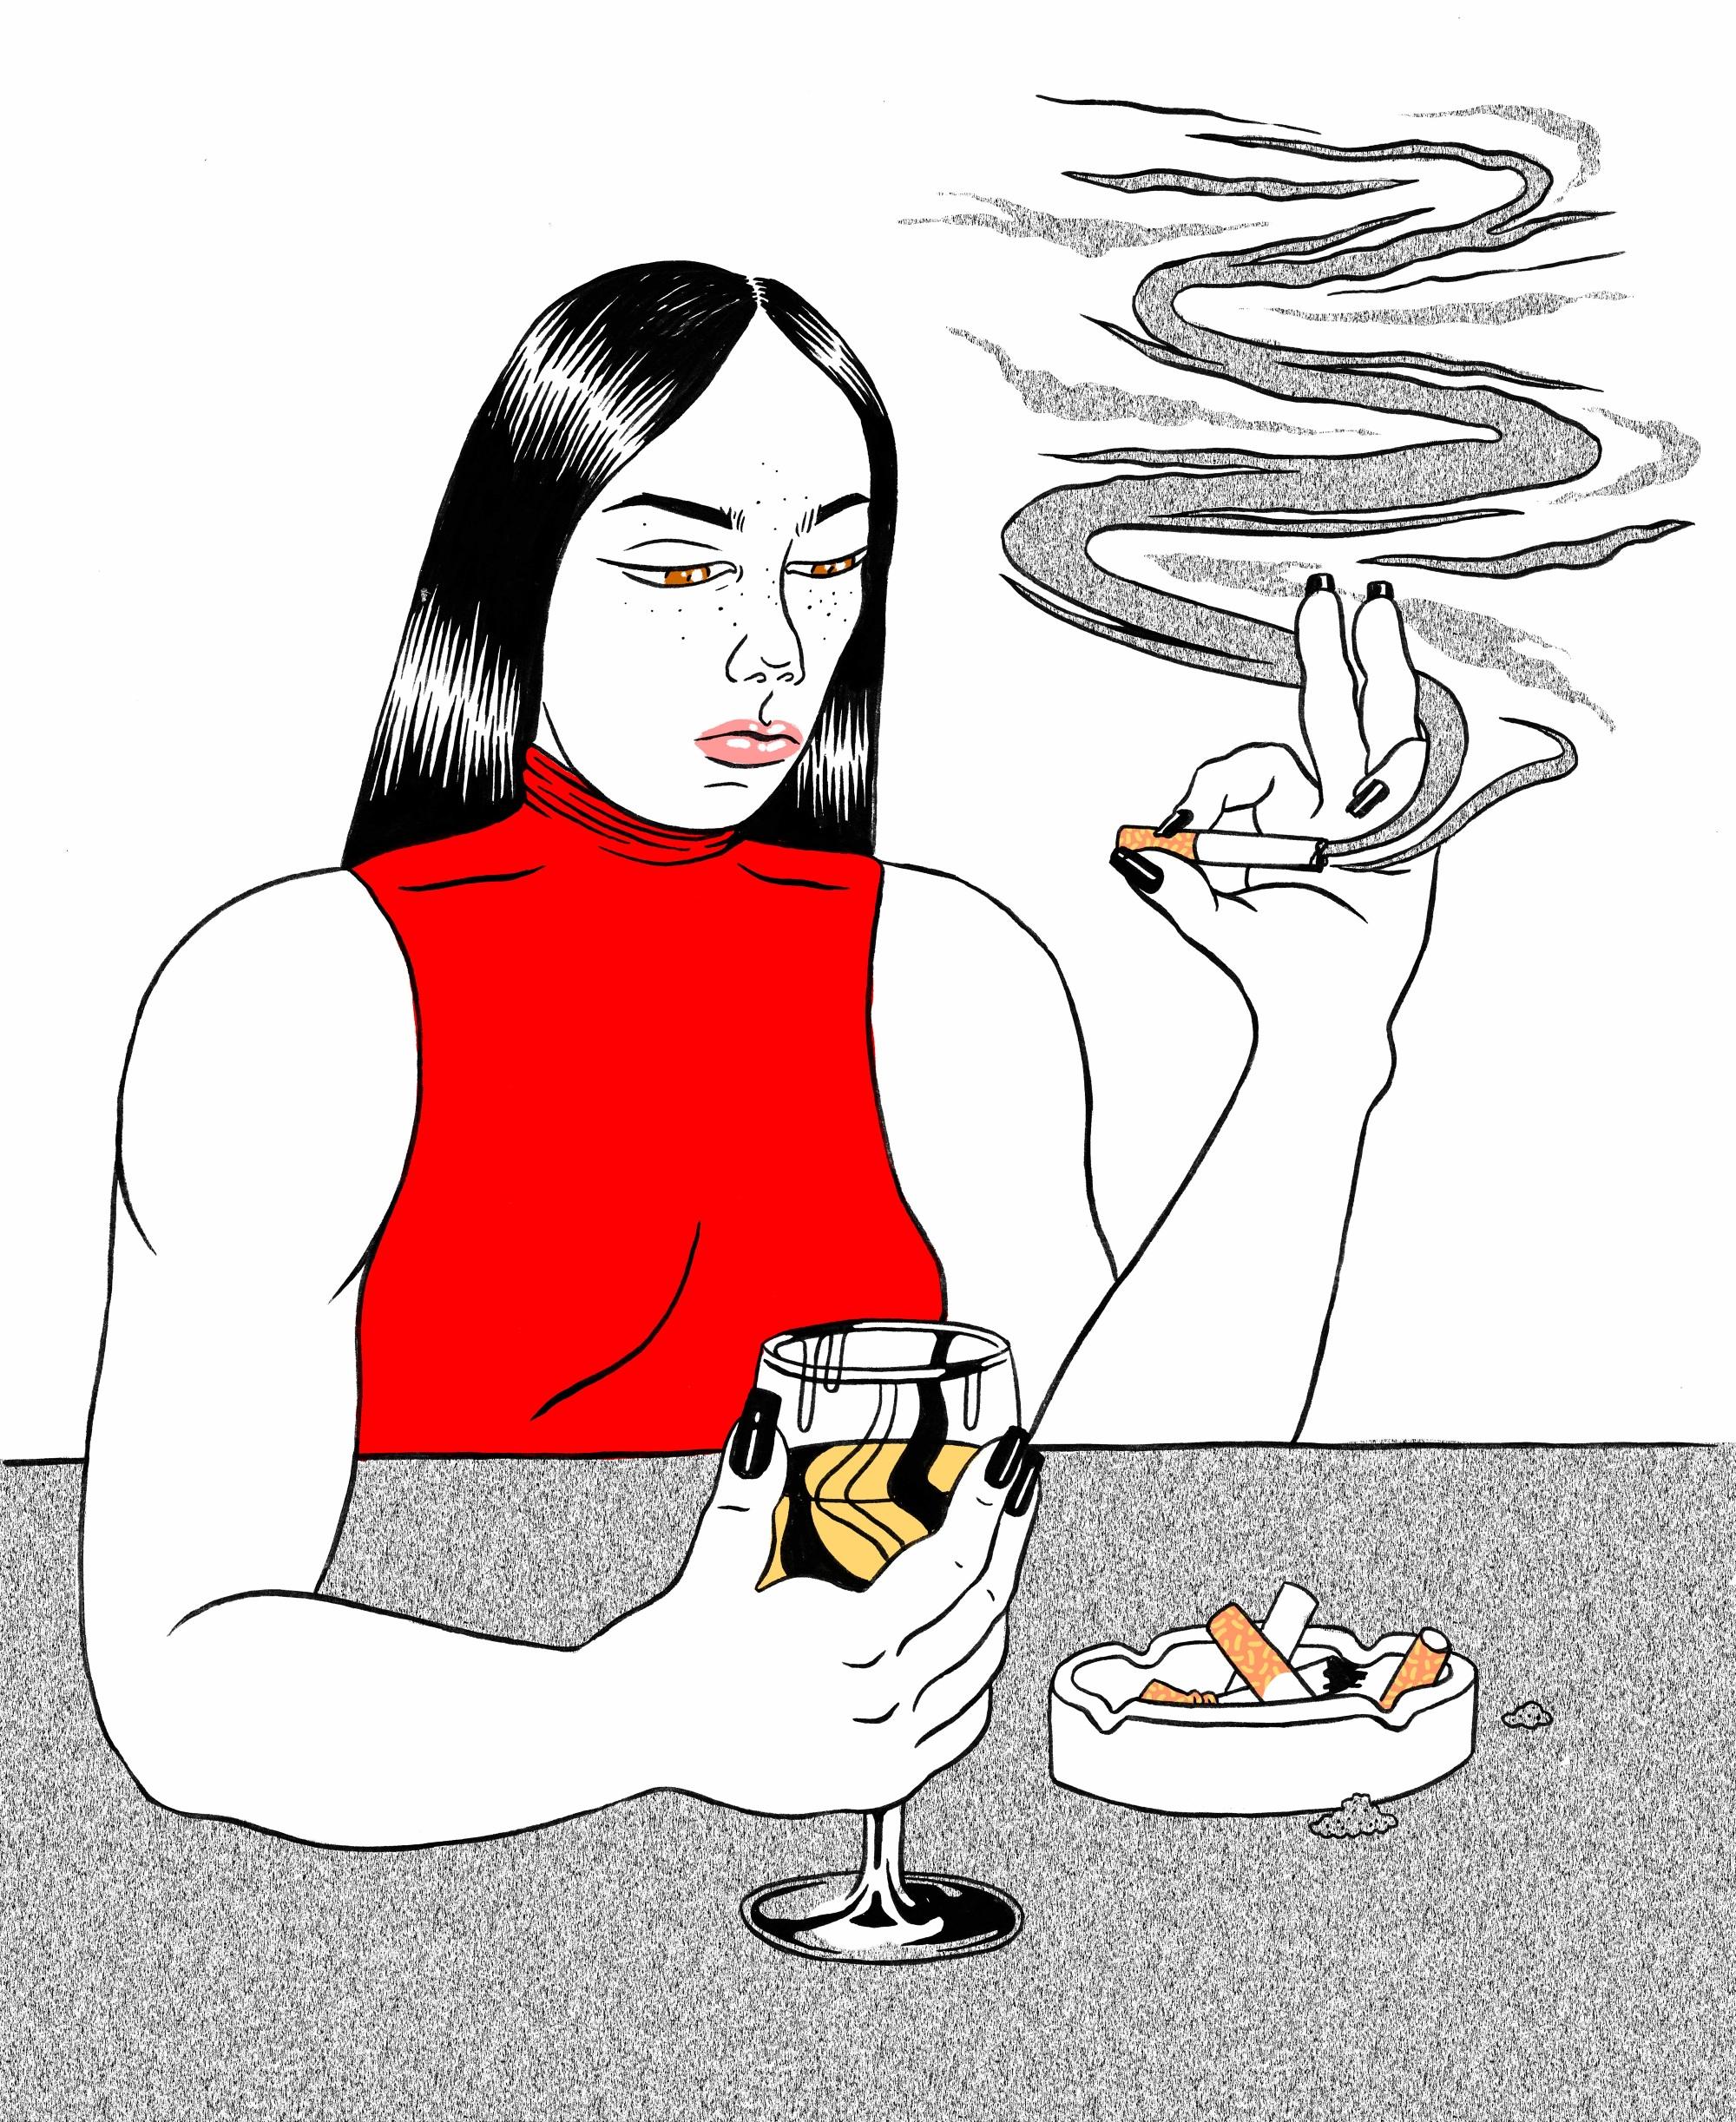 smoker-copy_2000.jpg